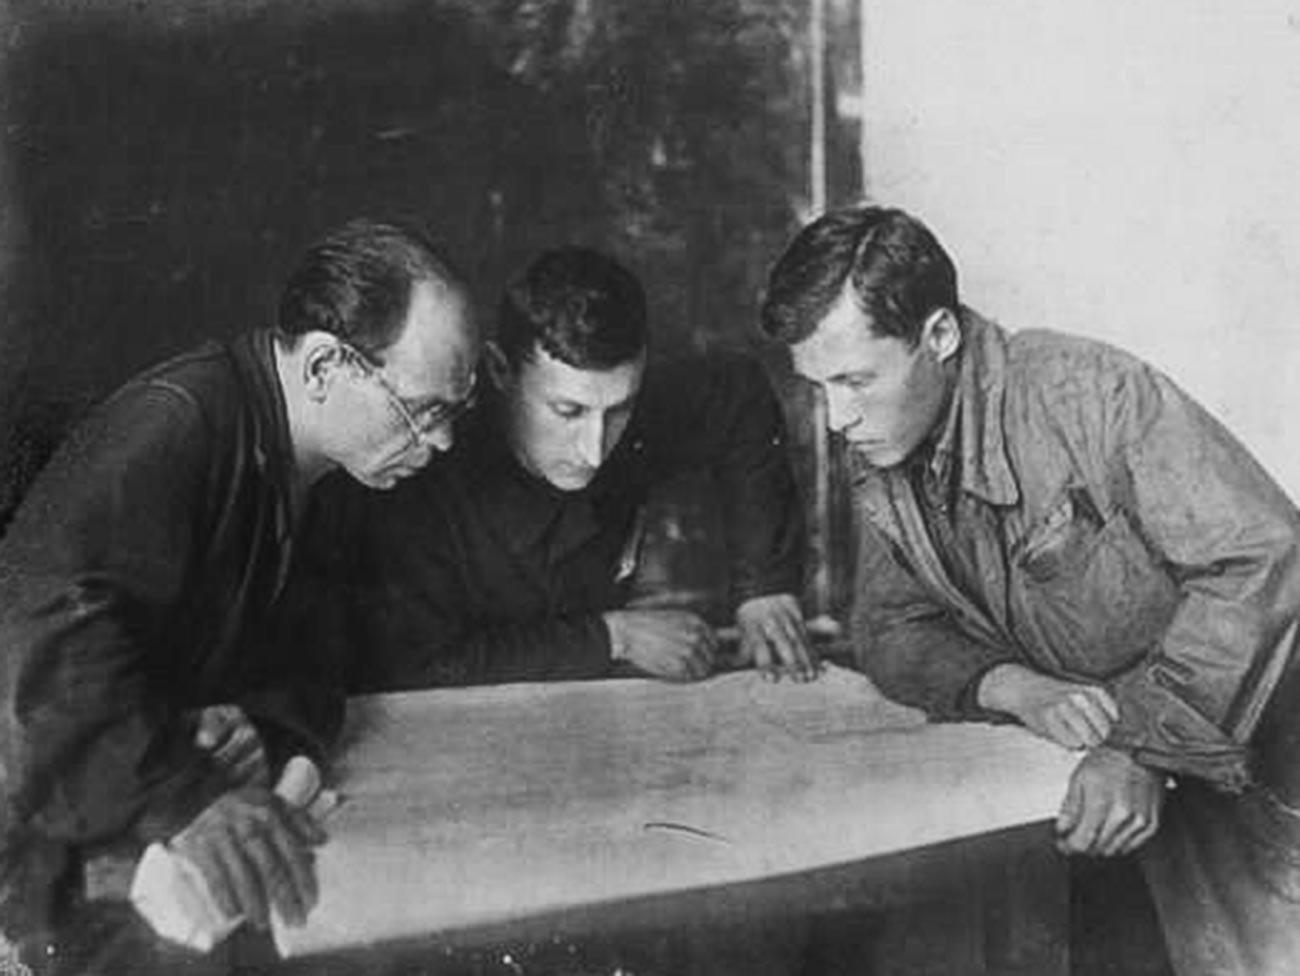 La commune de travail numéro 2 du NKVD